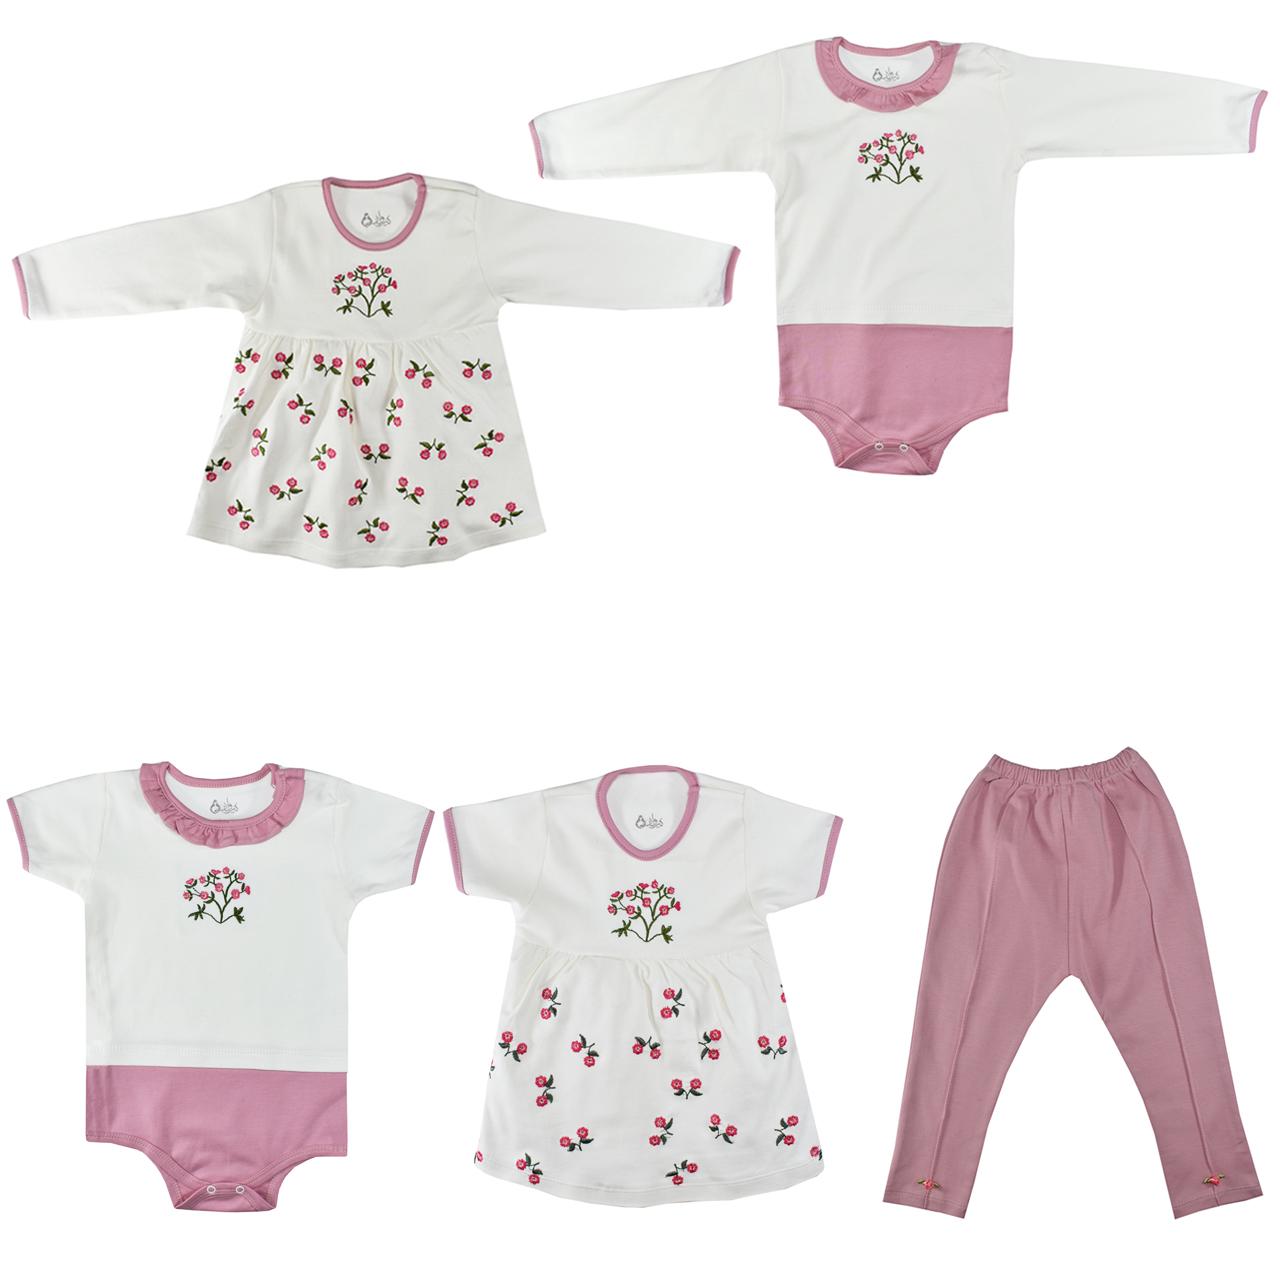 ست 5 تکه لباس نوزادی نیروان طرح گل کد 4